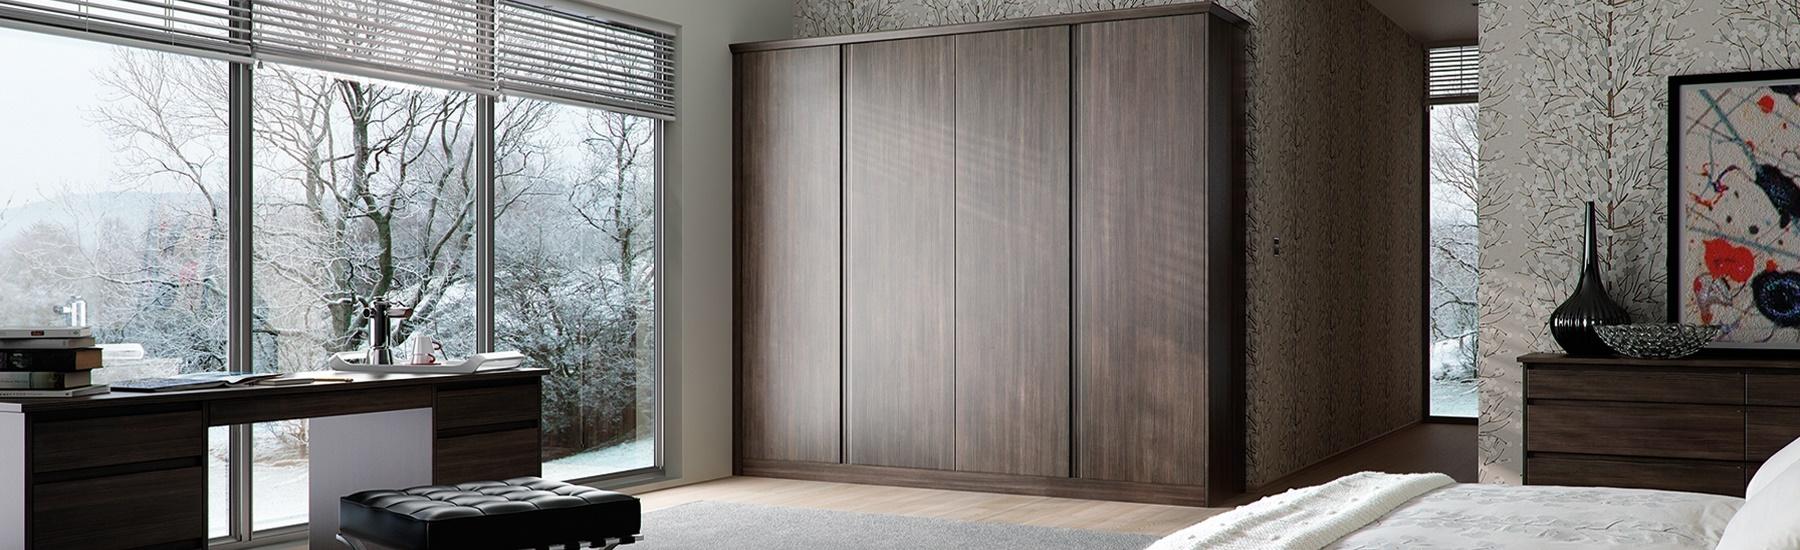 Replacement Wardrobe Doors Made To Measure Doors Sincerely